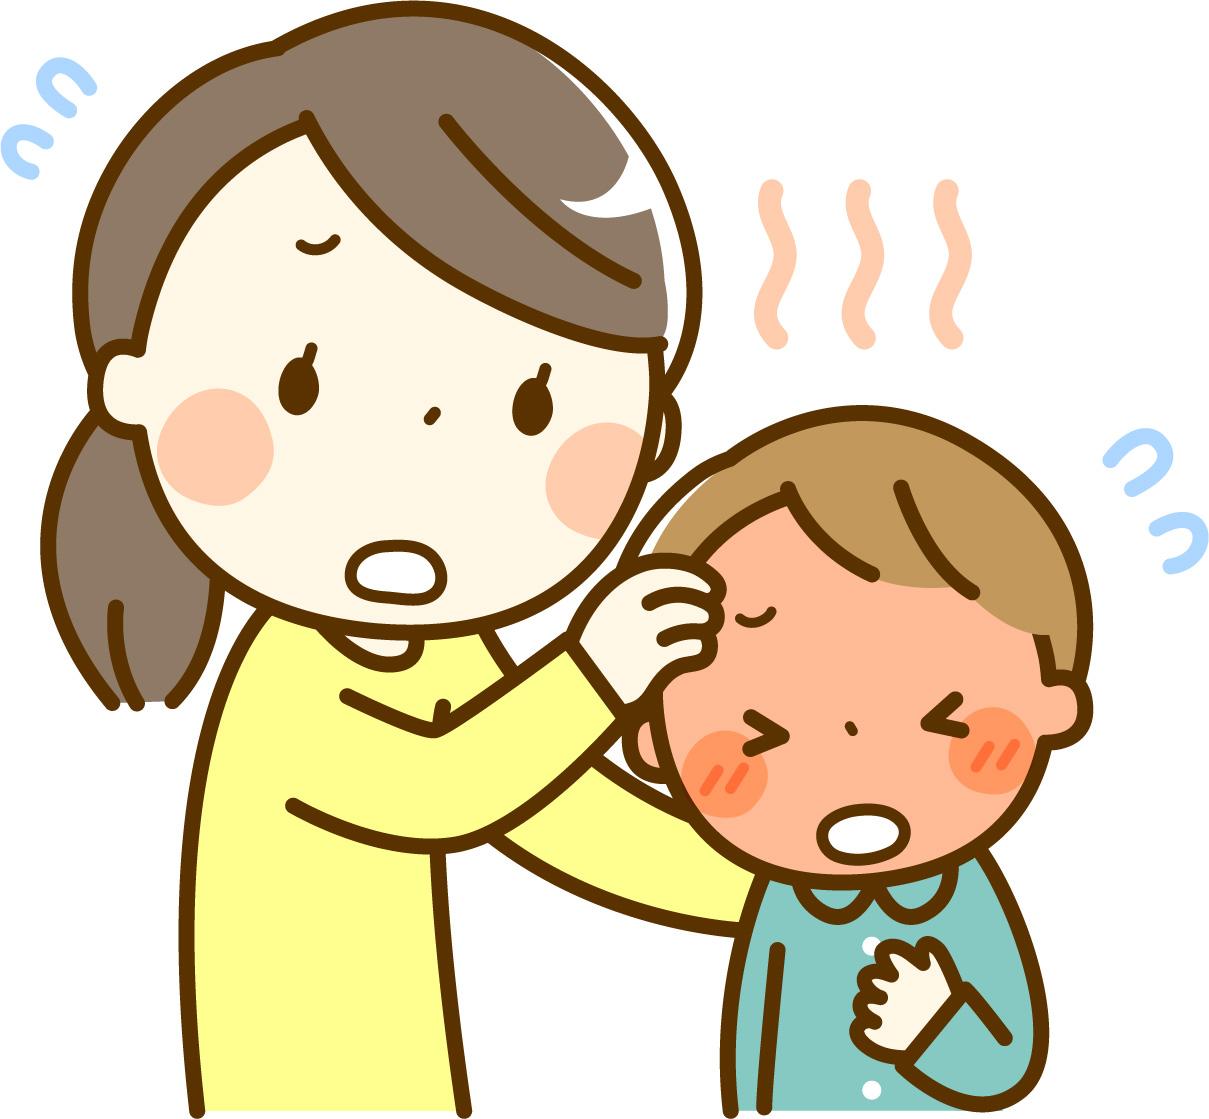 熱を出す子供